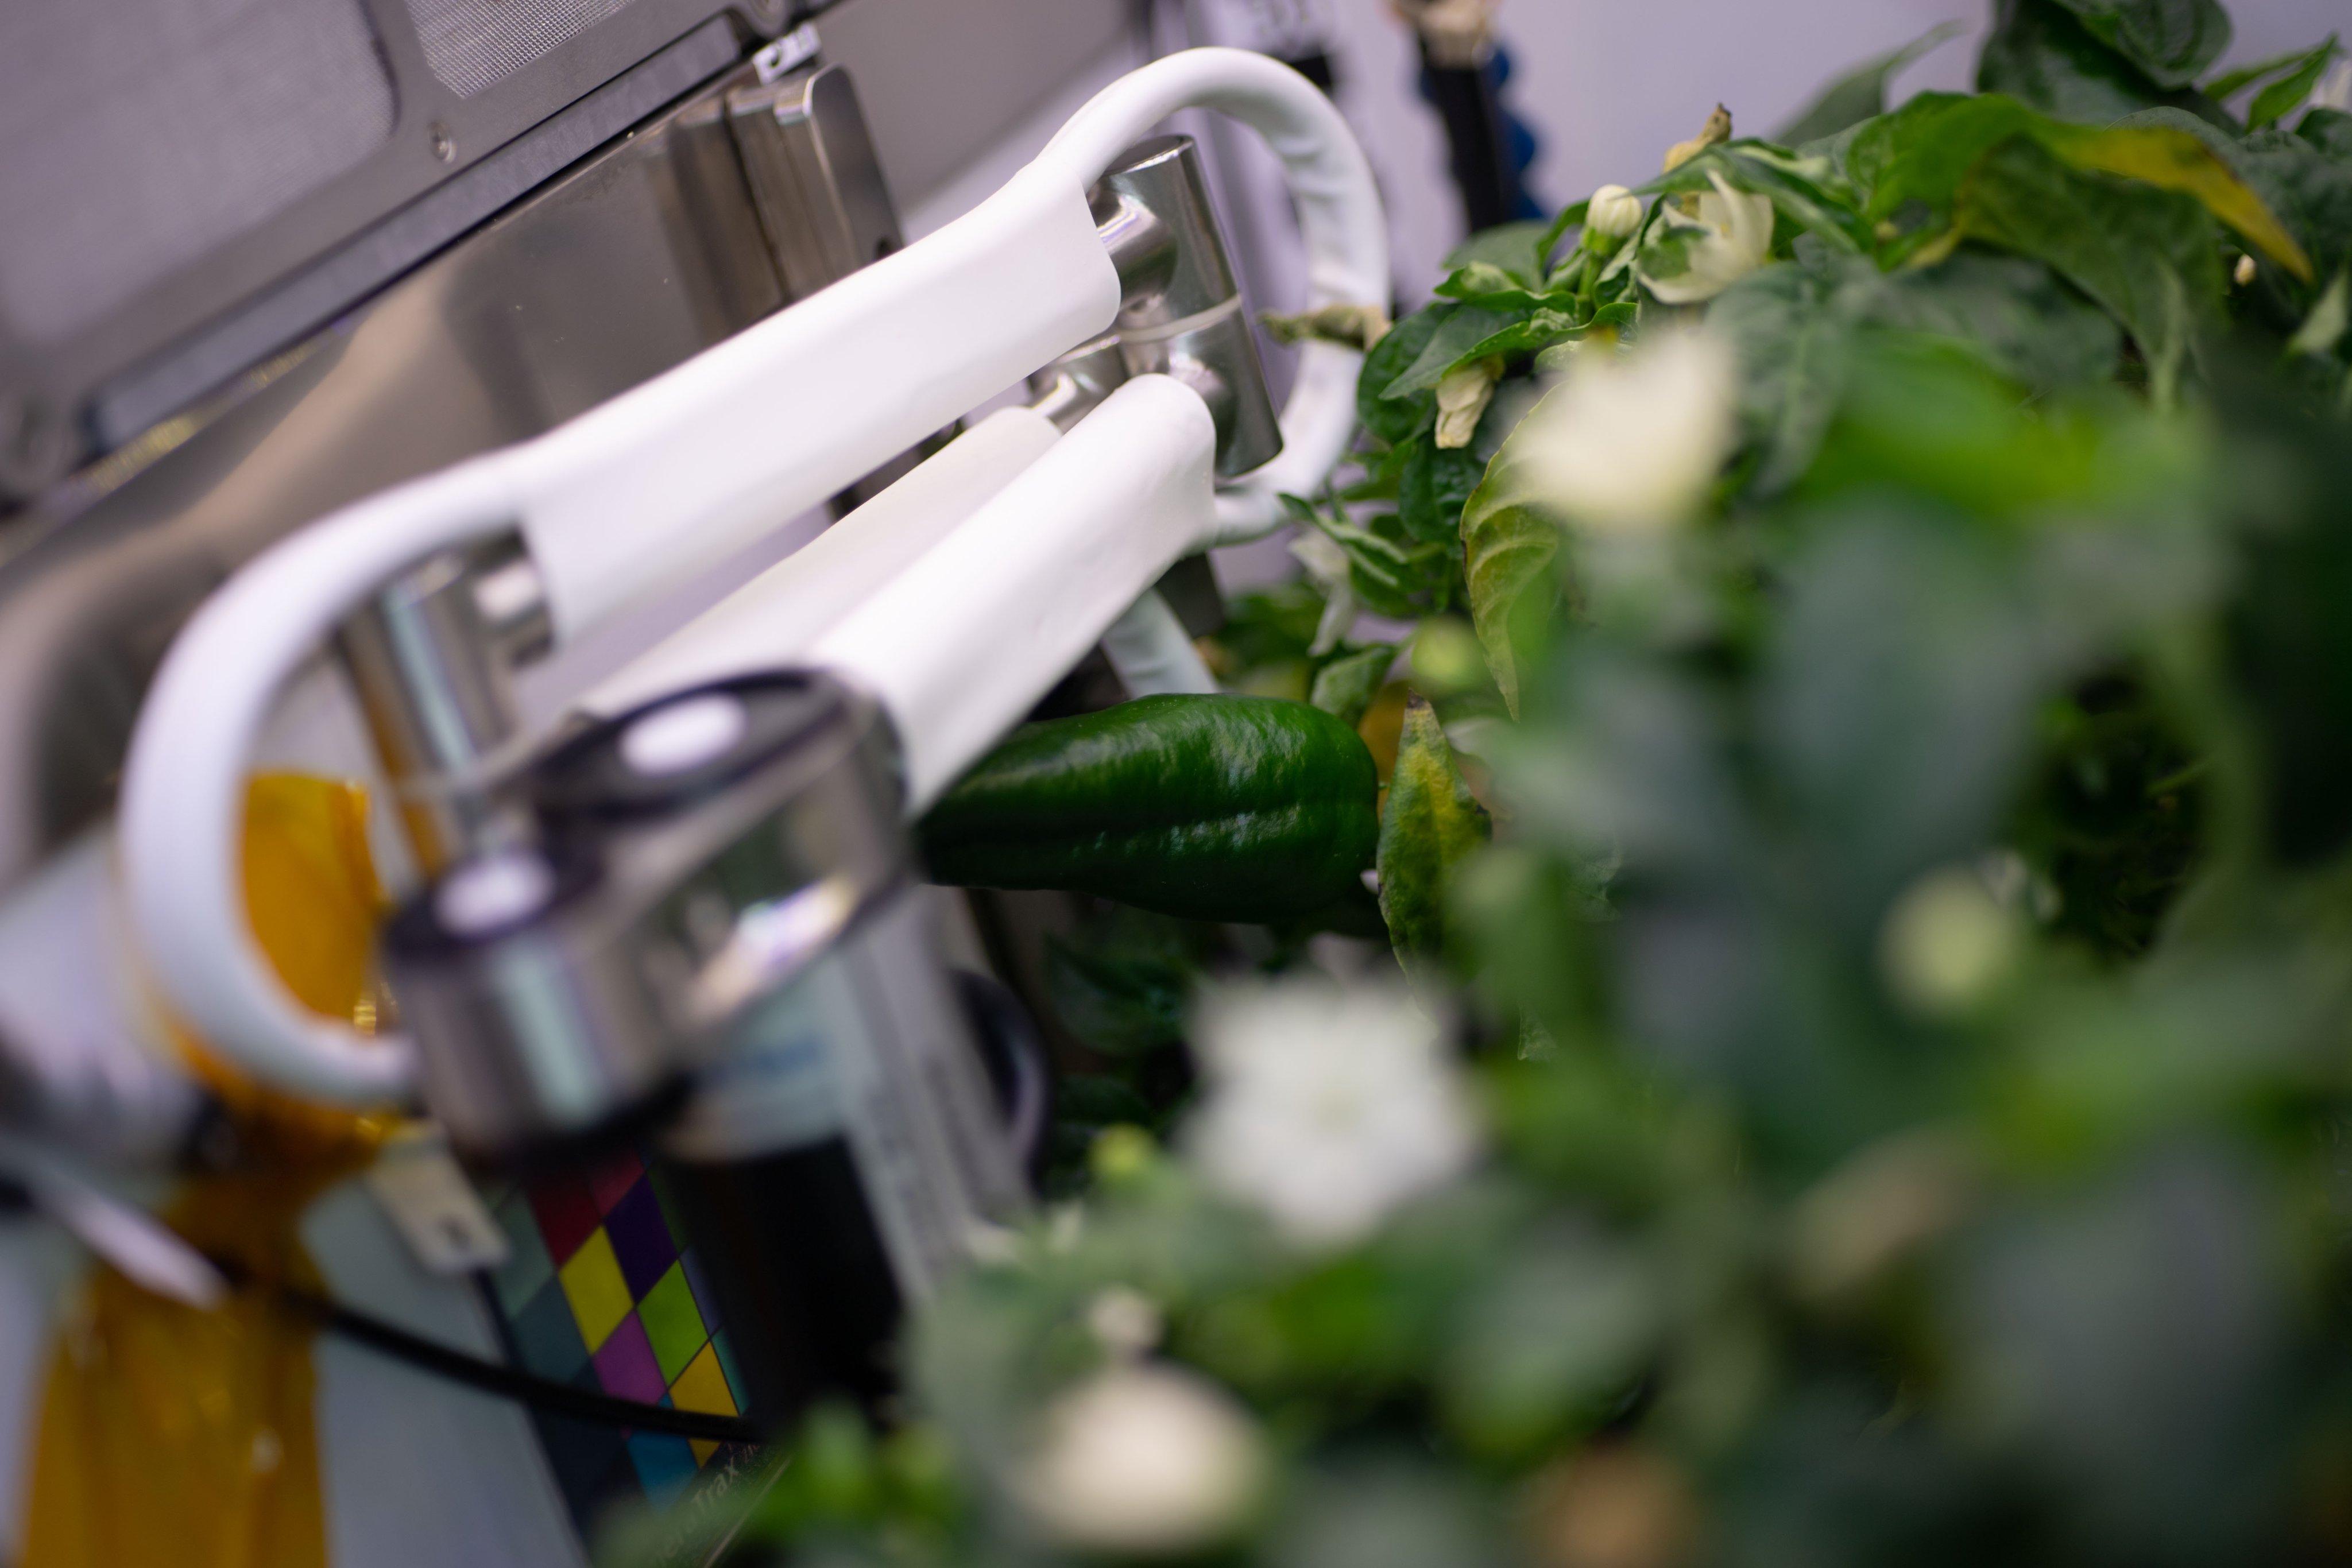 Астронавты впервые вырастили перец чили на борту МКС (фото 3)